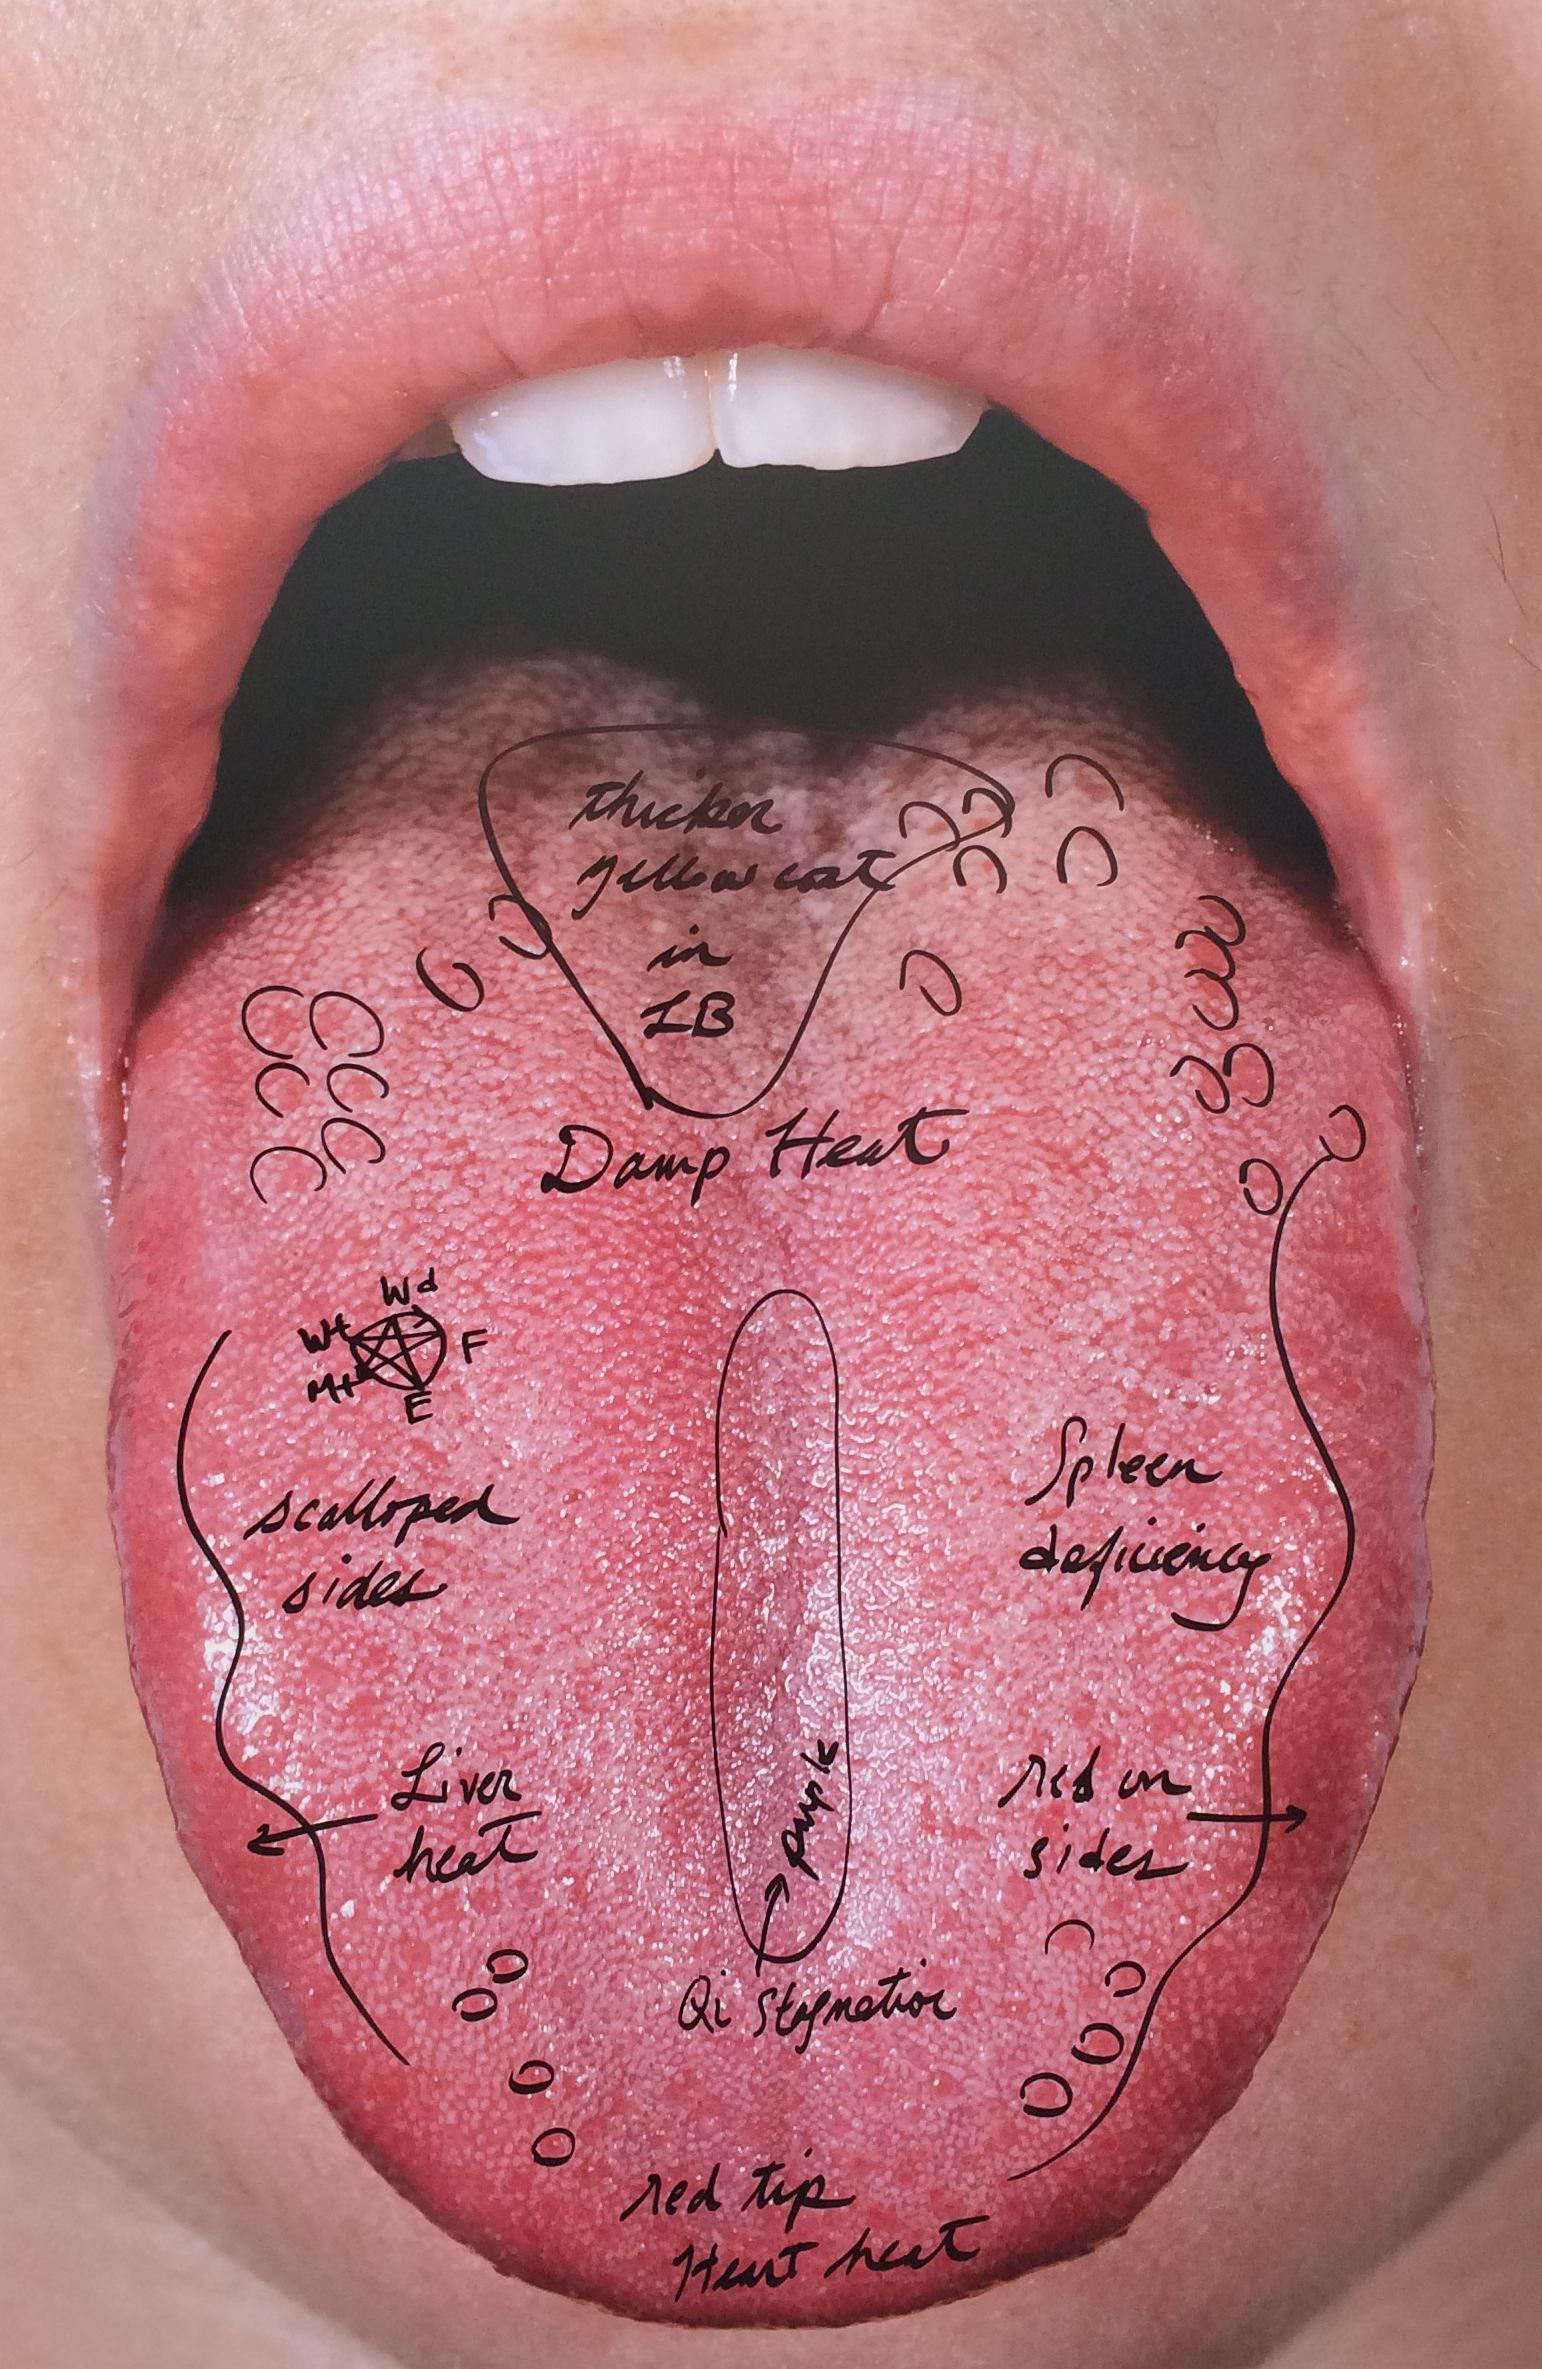 Carissa Rodriguez,It's Symptomatic / What Would Edith Say, (2015), tirage chromogène monté sur aluminium, 152,4 x 101,6 cm.Galerie Karma International.